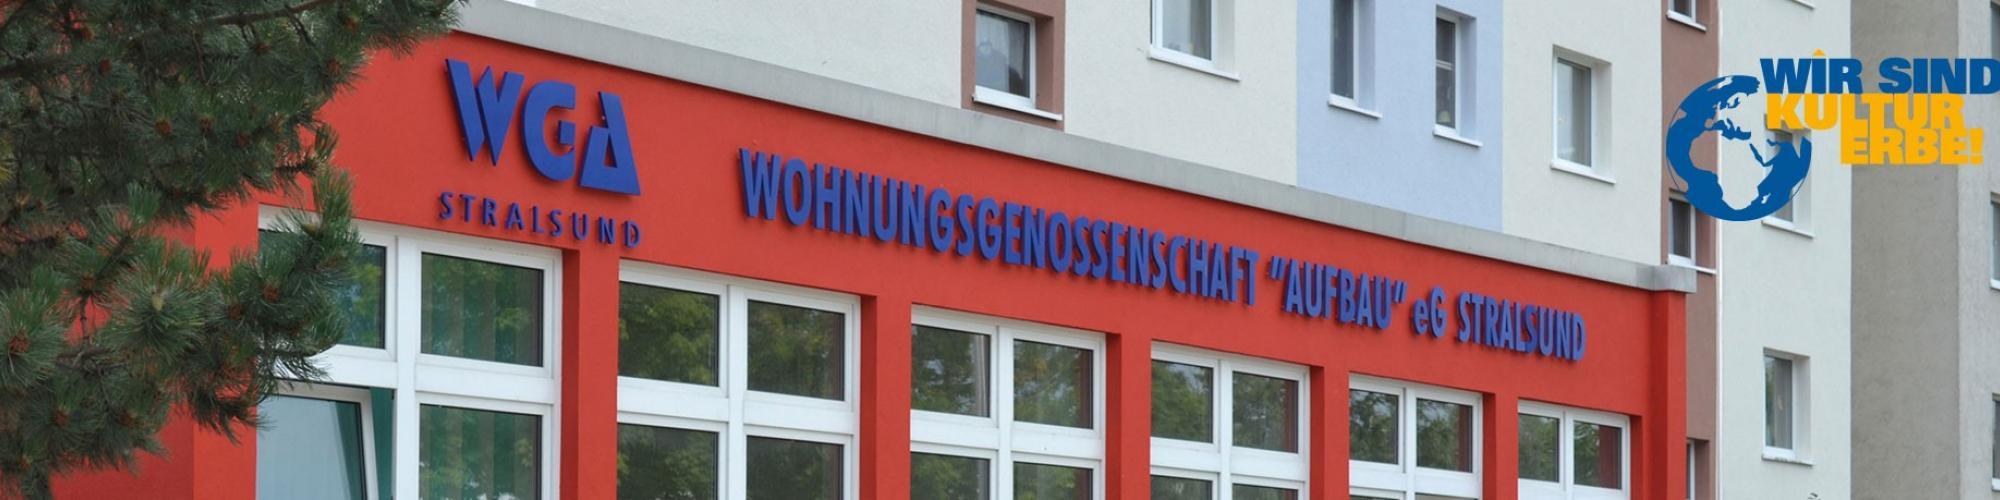 """Wohnungsgenossenschaft """"Aufbau"""" eG Stralsund"""